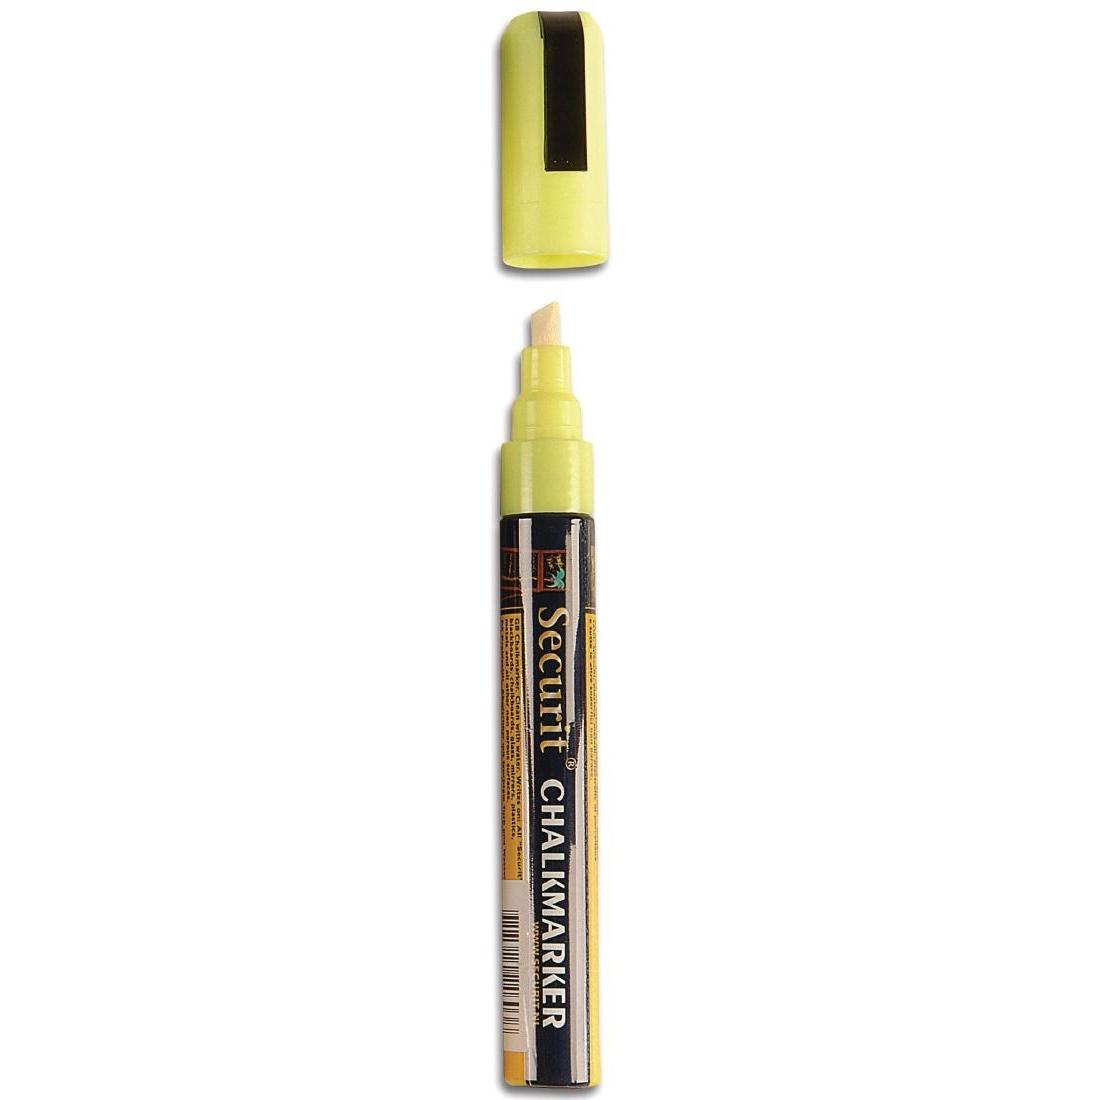 Marqueur craie 6mm jaune